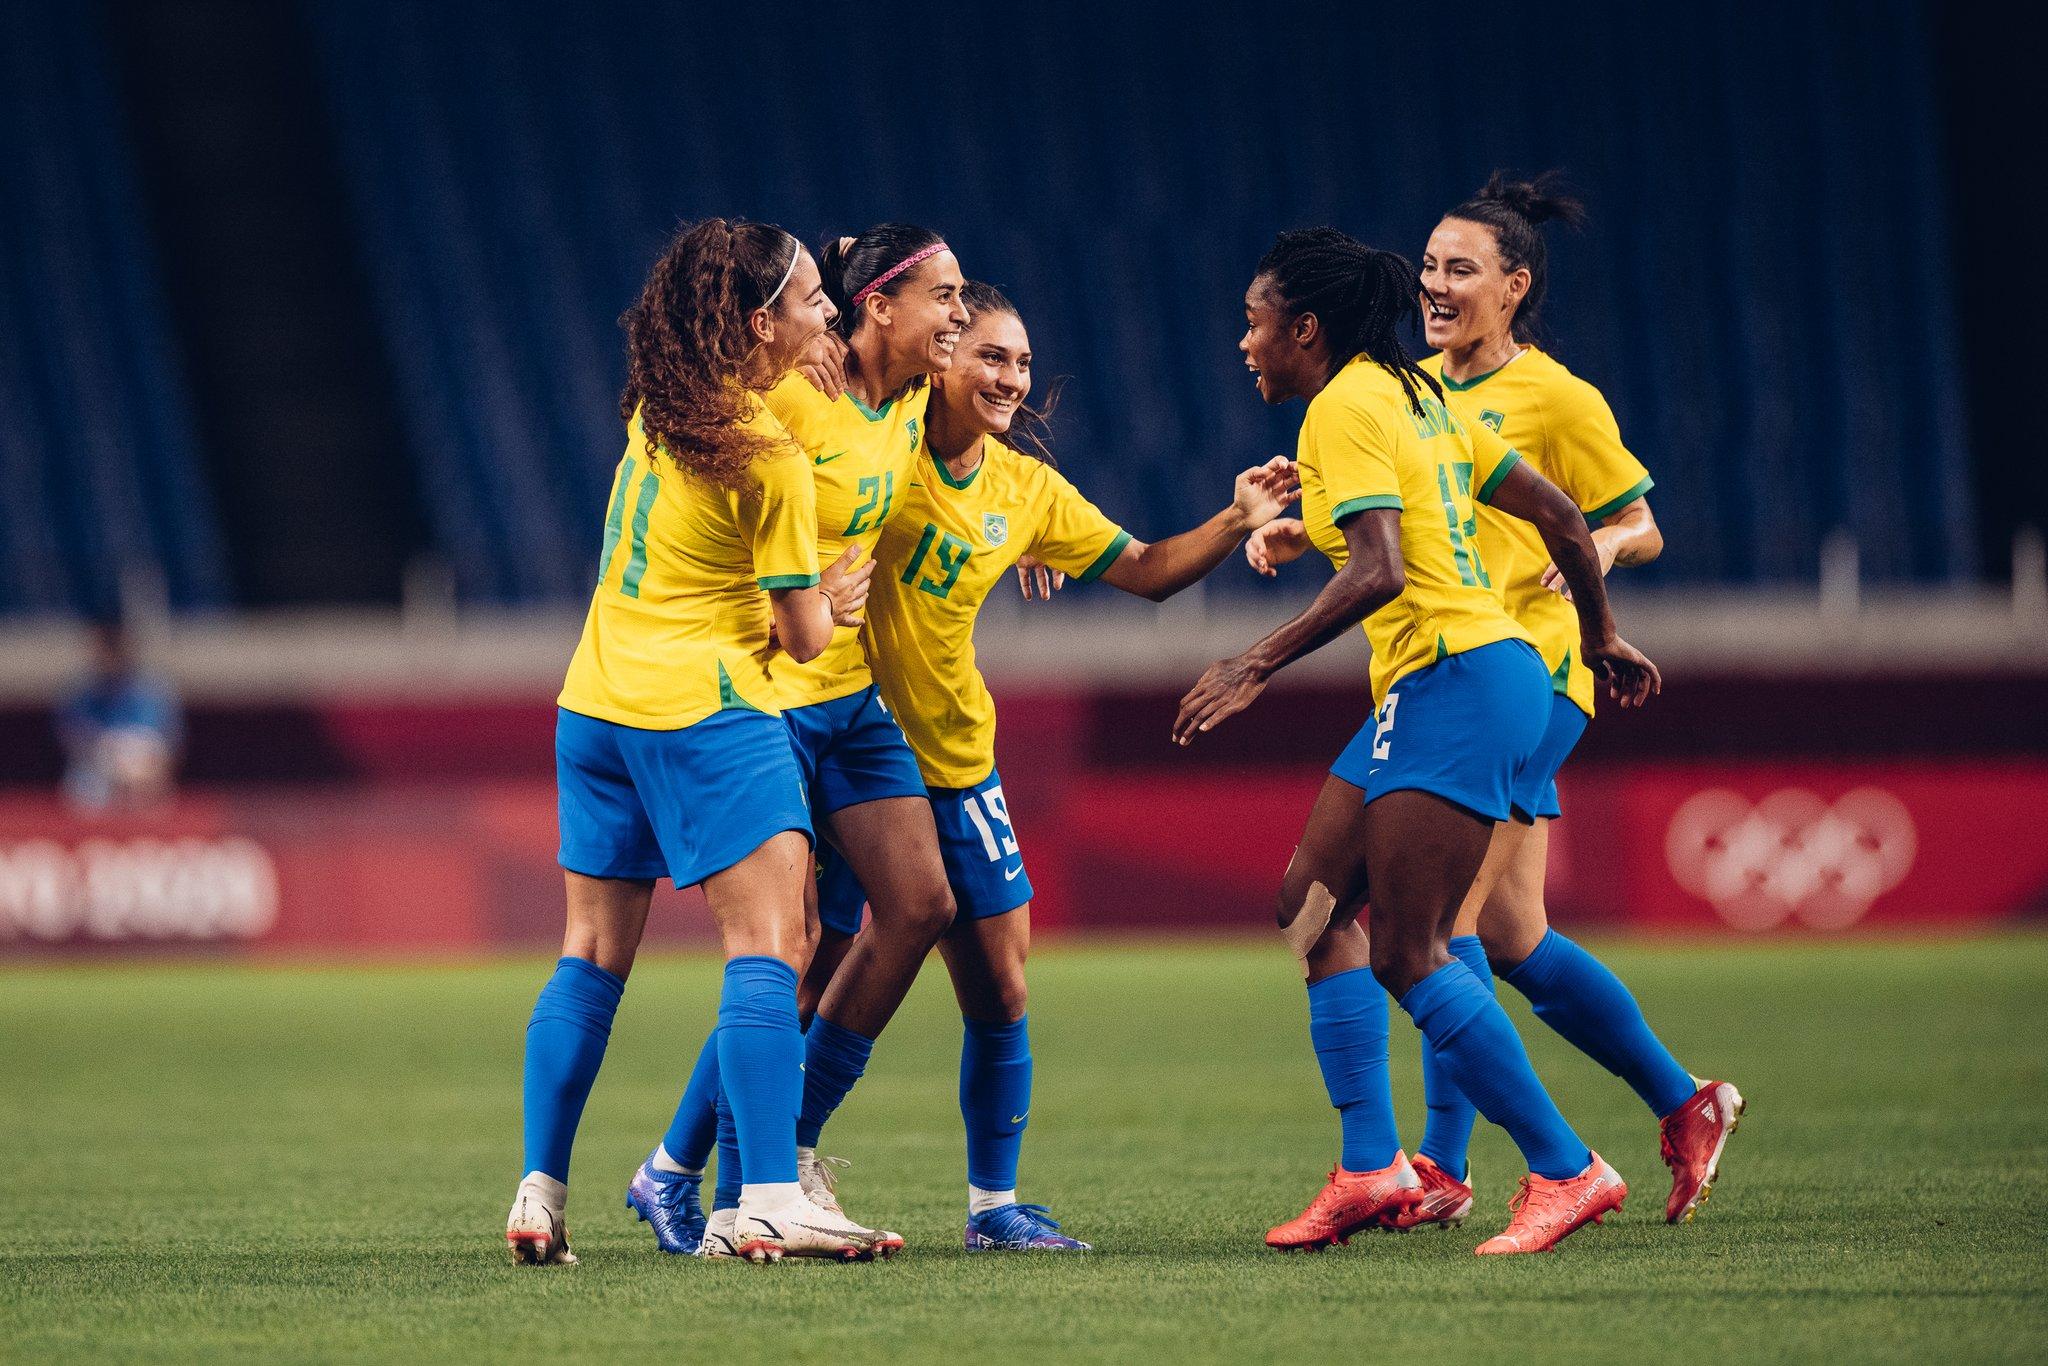 Gol do Brasil foi marcado por Andressa Alves. Foto: Sam Robles/CBF